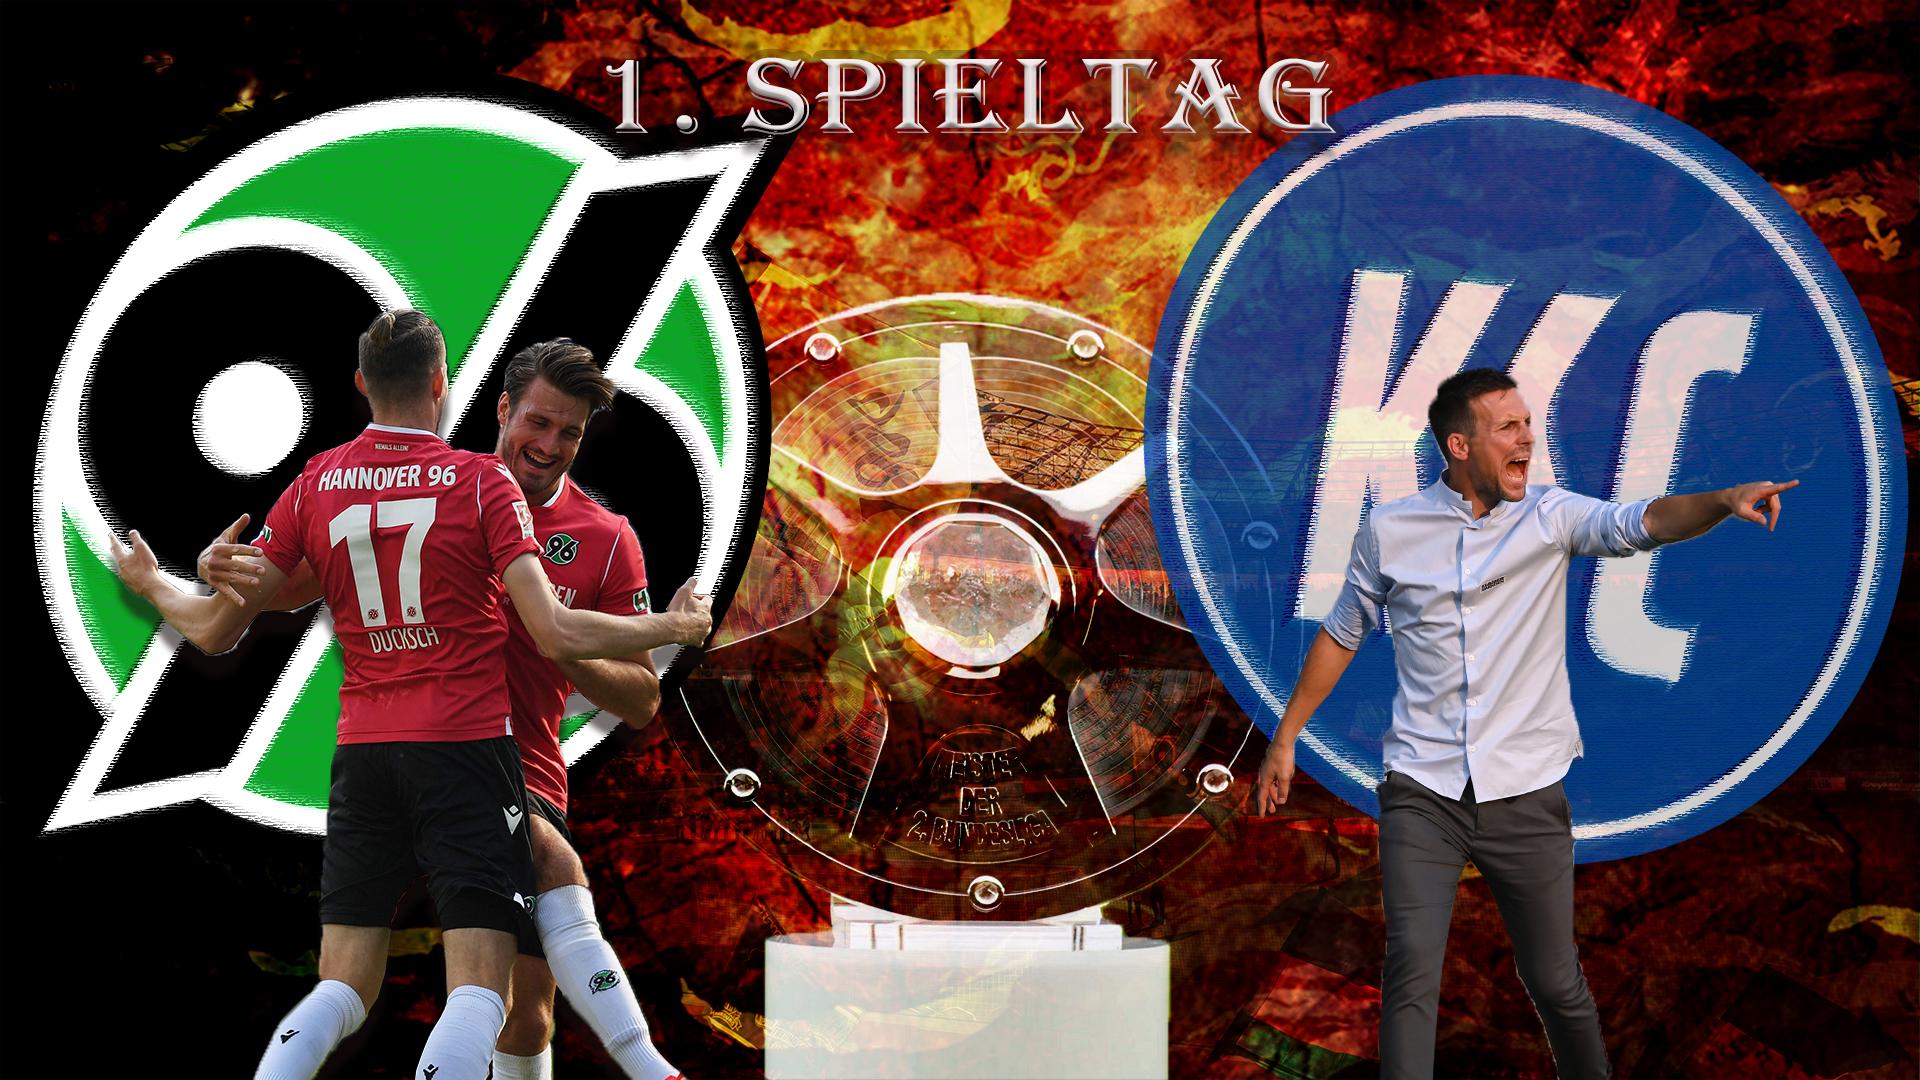 LK 1. Spieltag 96 KSC